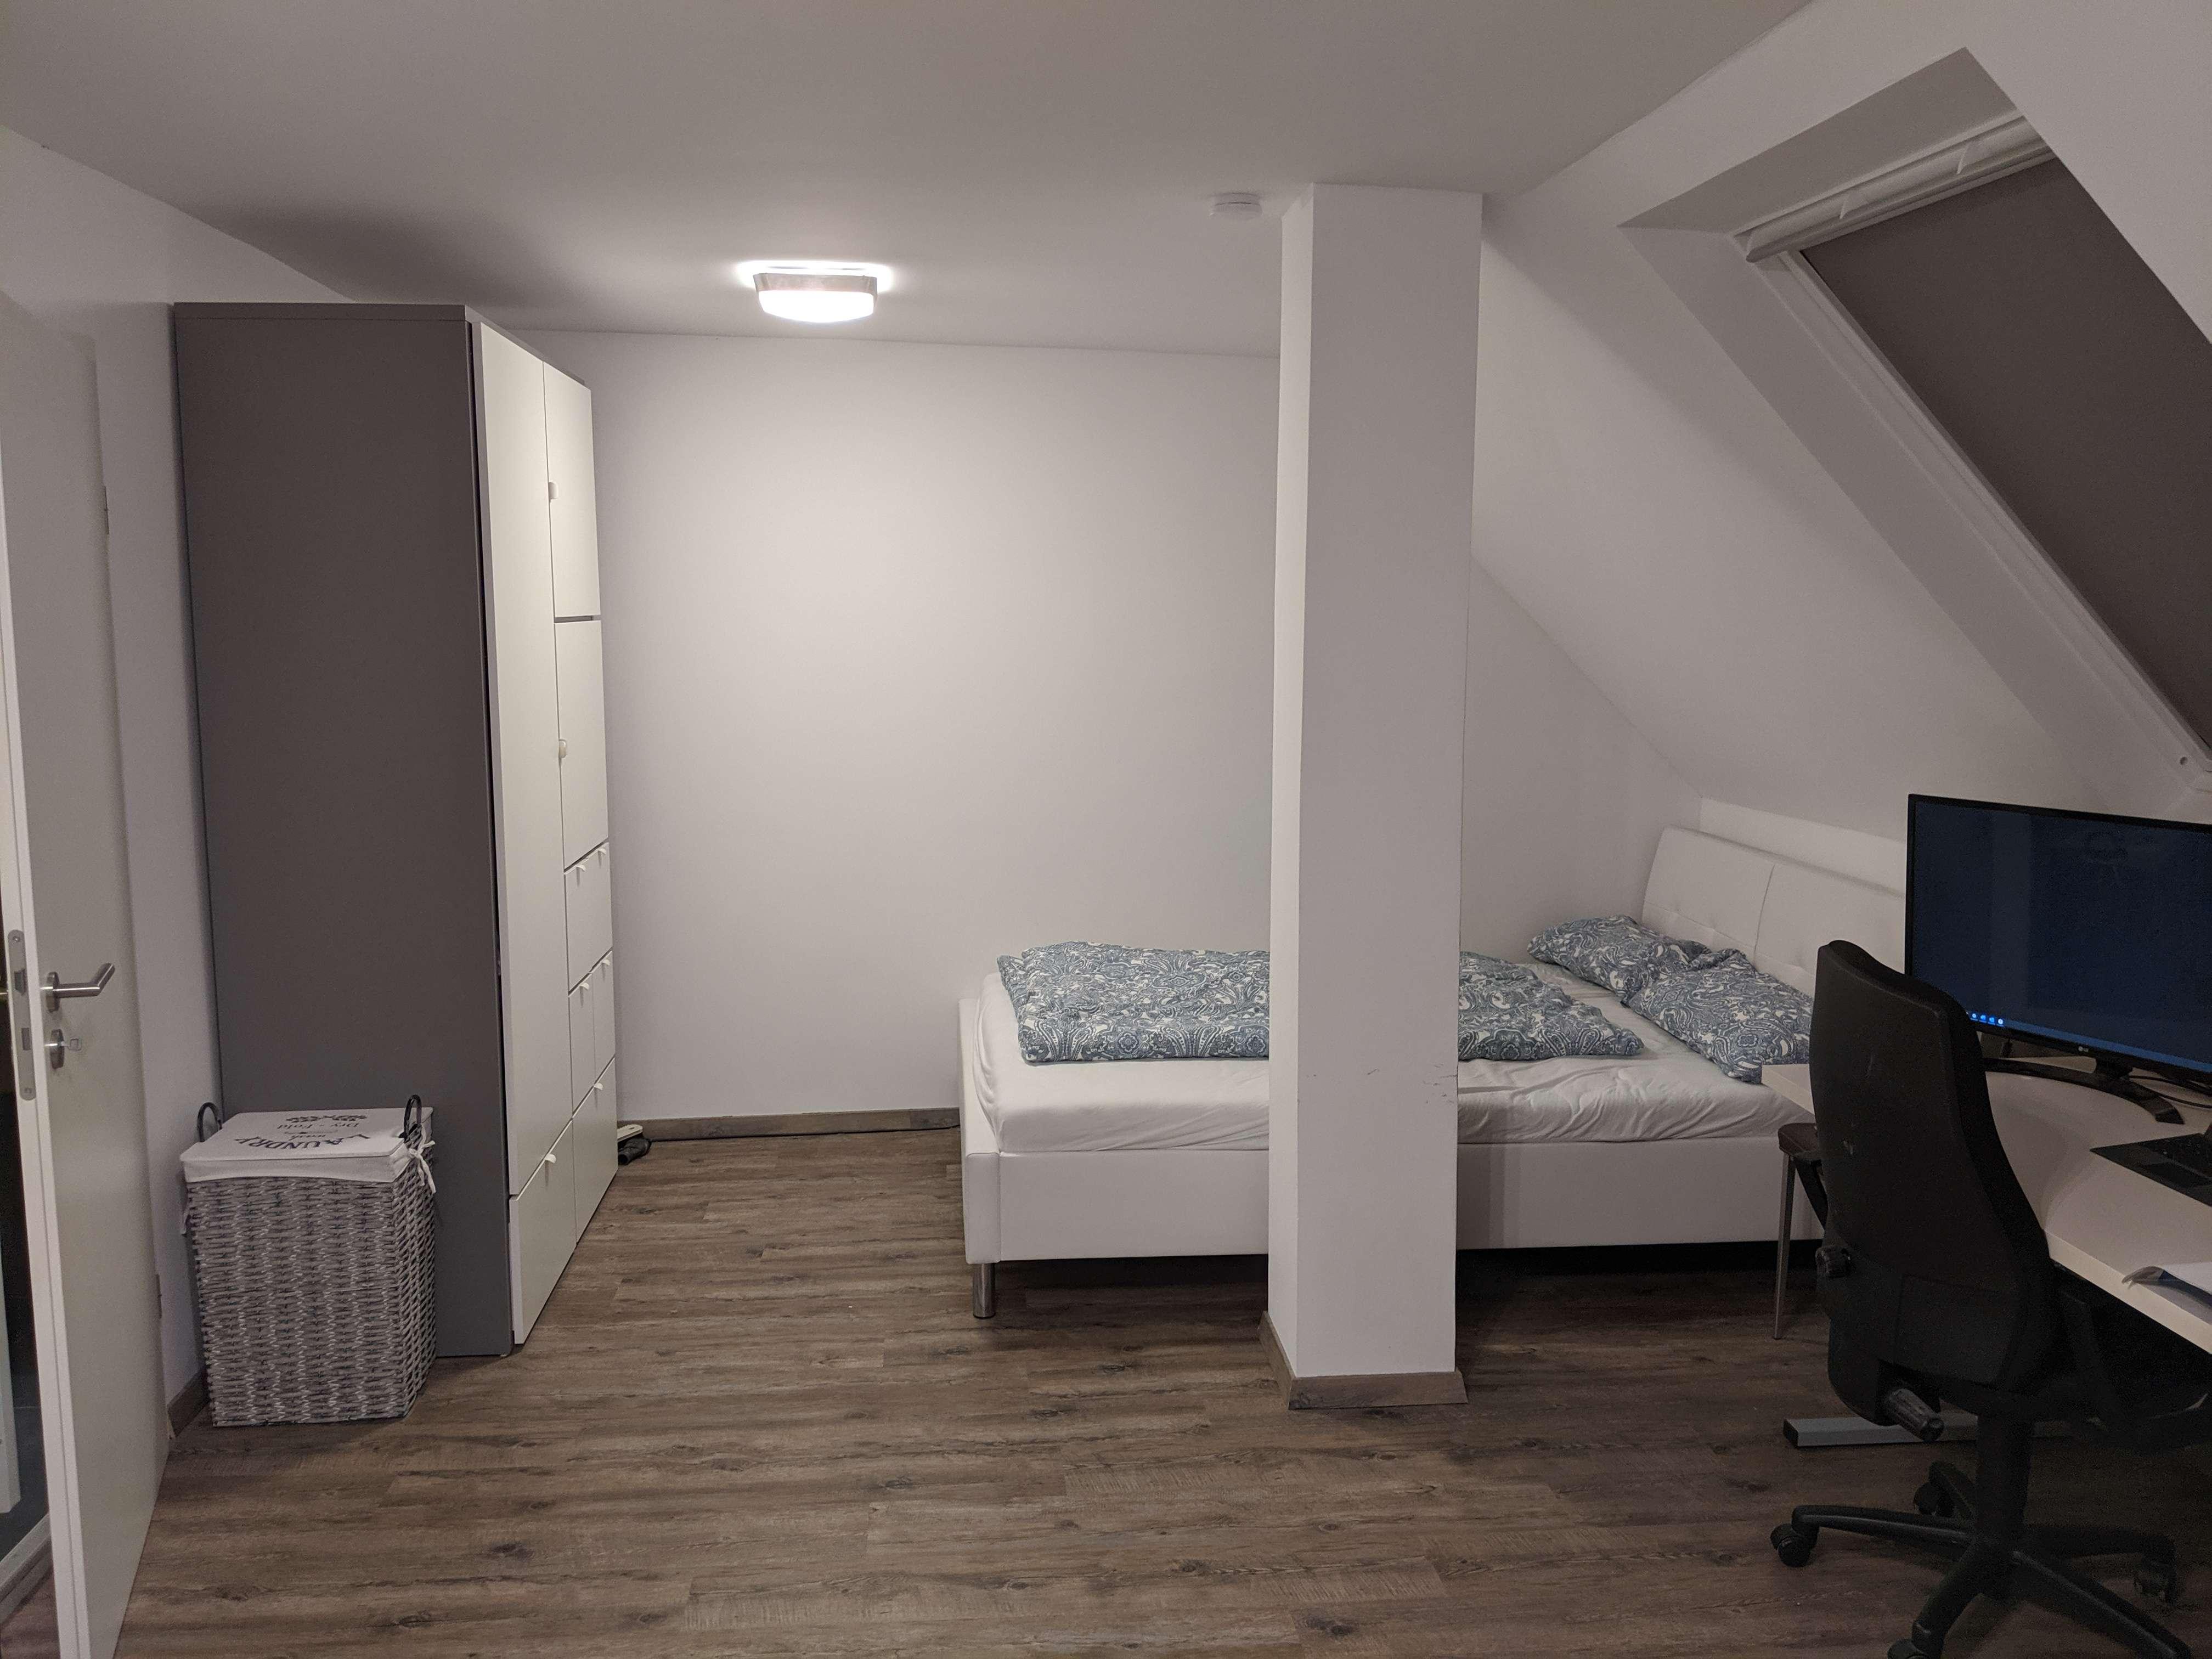 Schöne, geräumige ein Zimmer Wohnung in Augsburg, nähe Wertachbrücke in Augsburg-Innenstadt